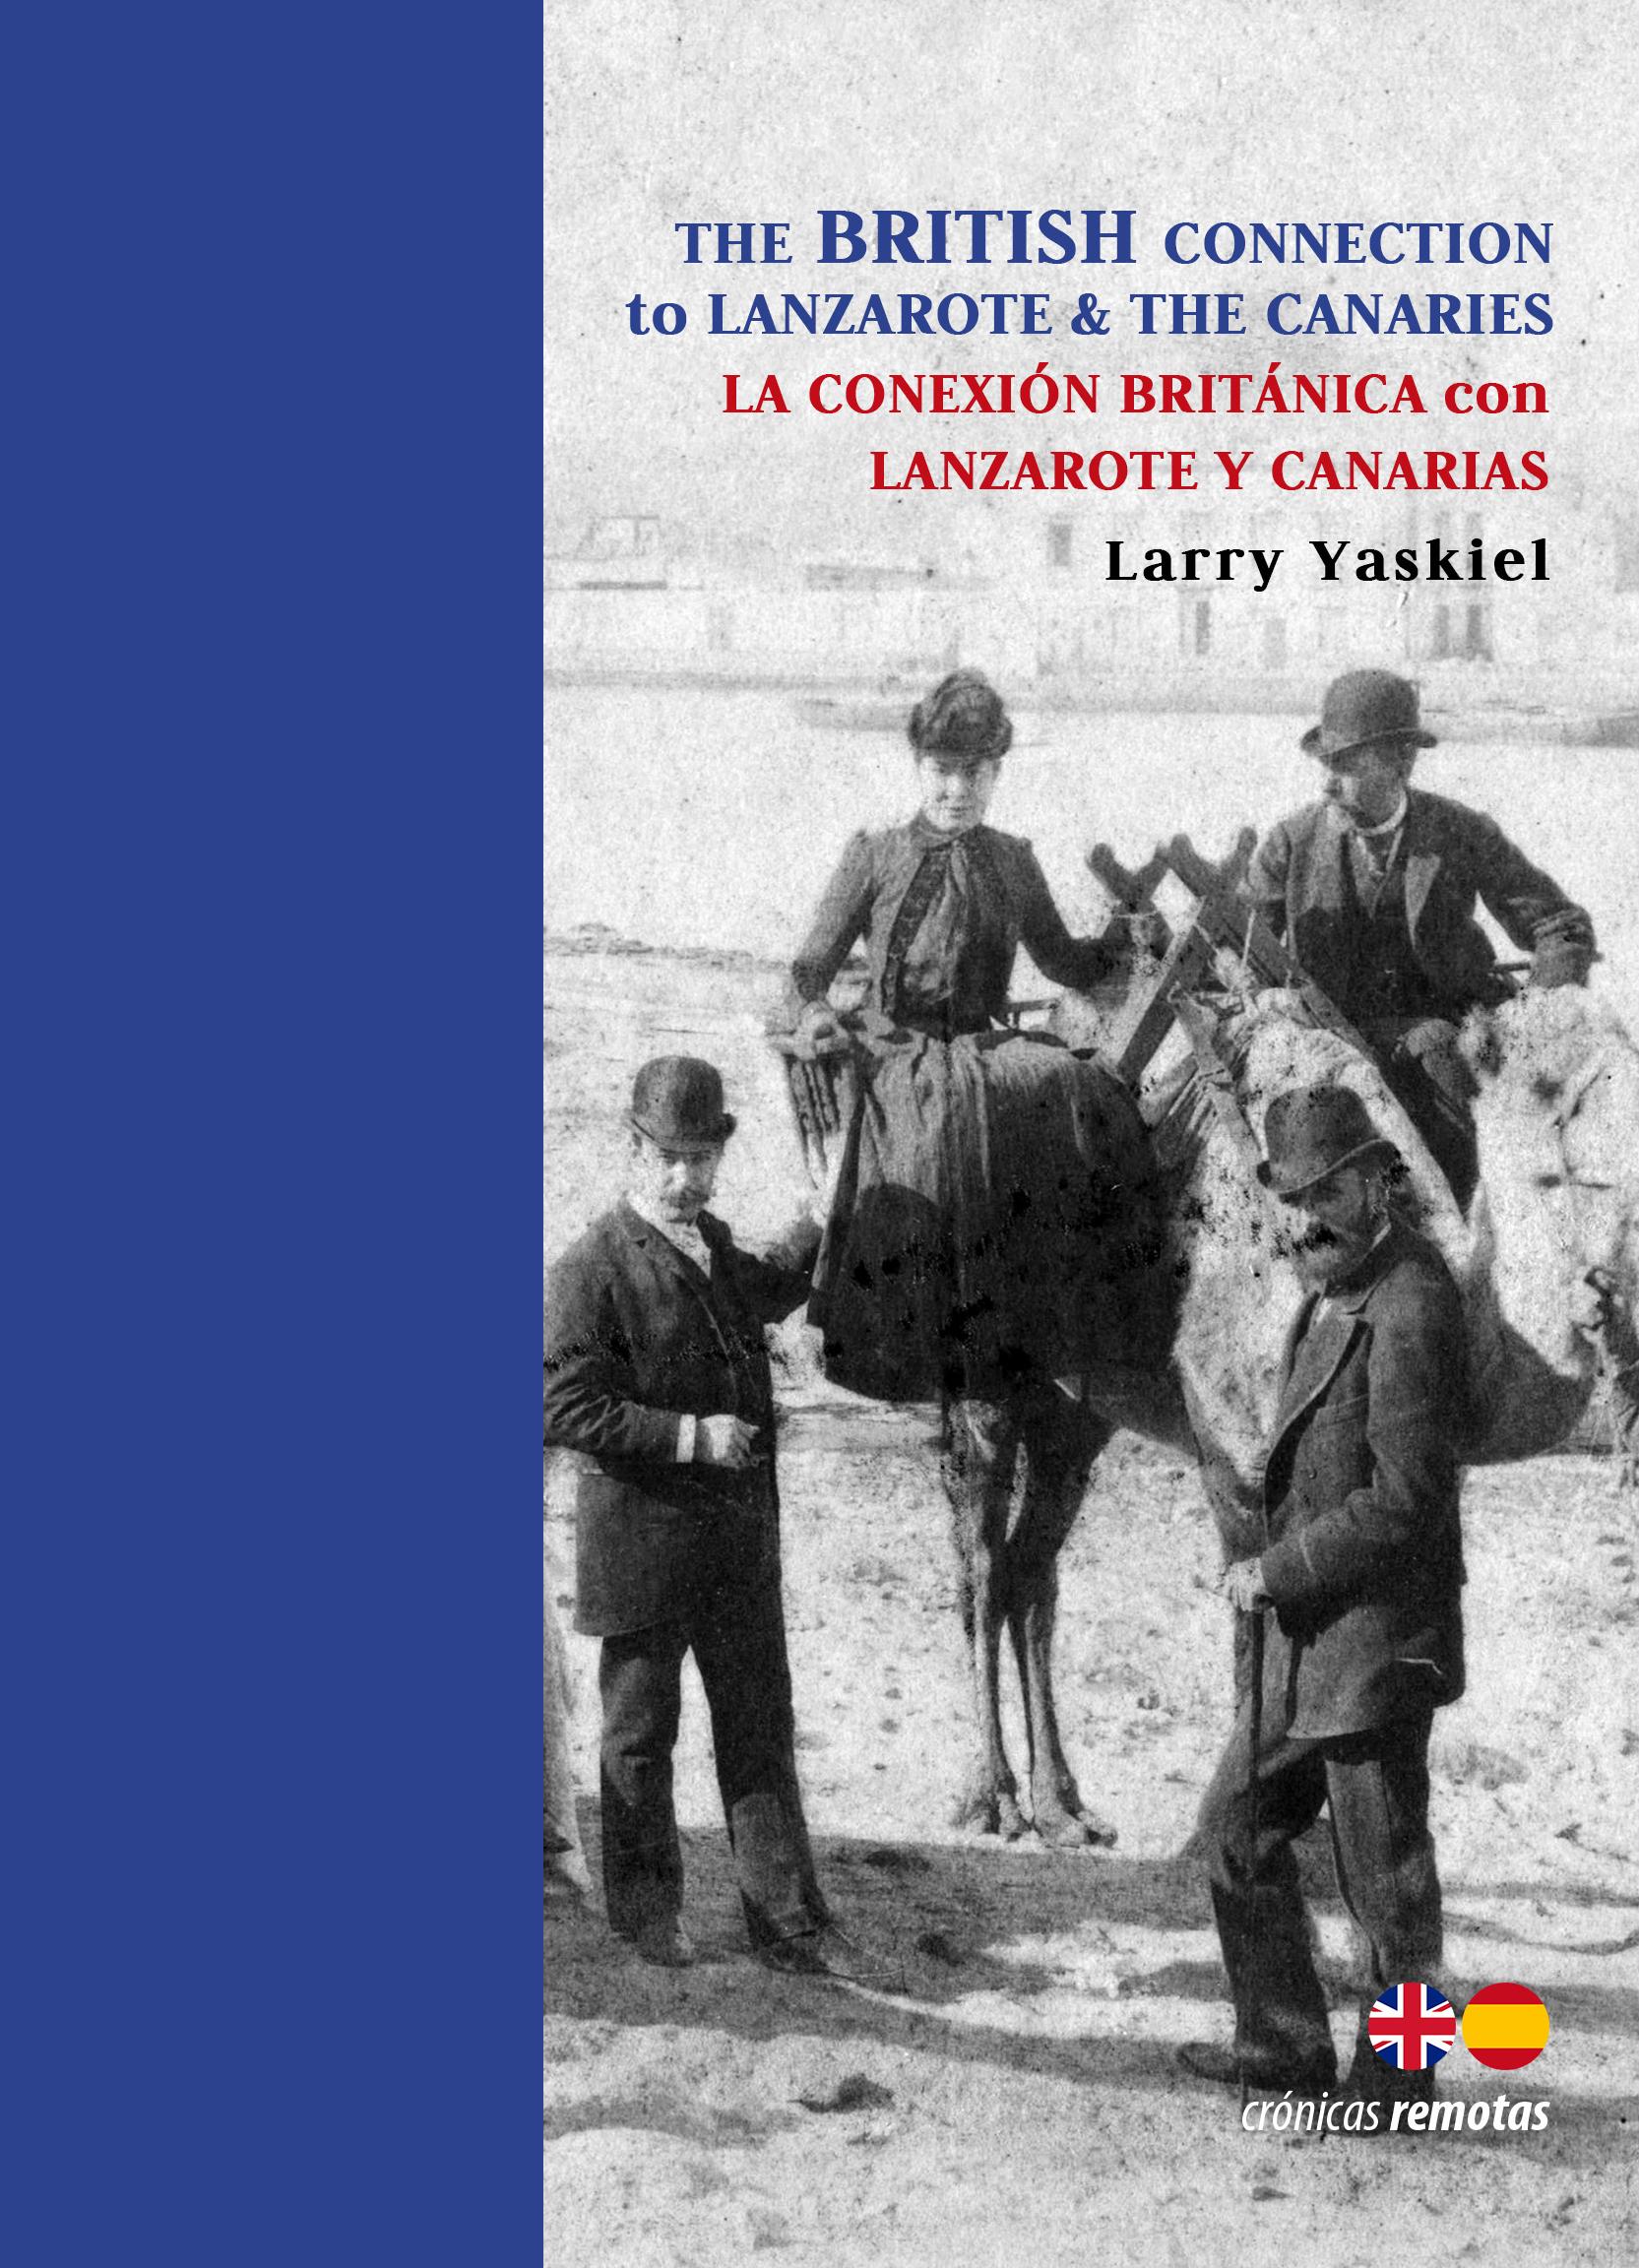 Playa Blanca acoge la presentación del libro 'La Conexión Británica con Lanzarote y Canarias'